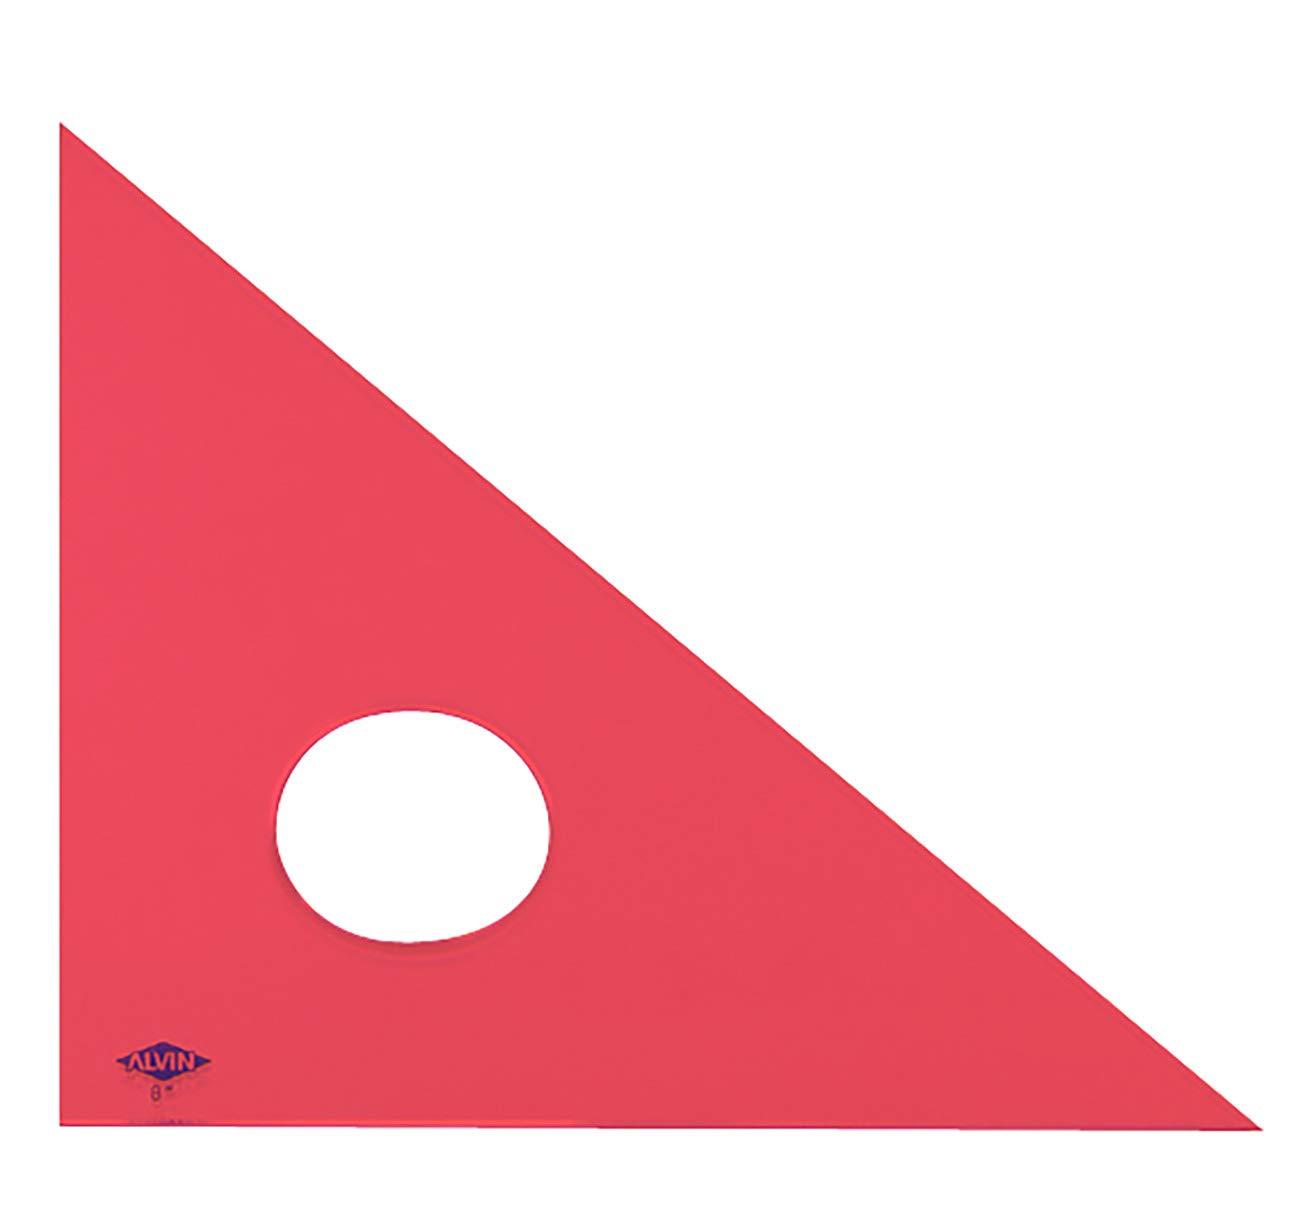 Alvin 131F-10 10 inch Fluorescent Professional Acrylic Triangle 45/90 by Alvin